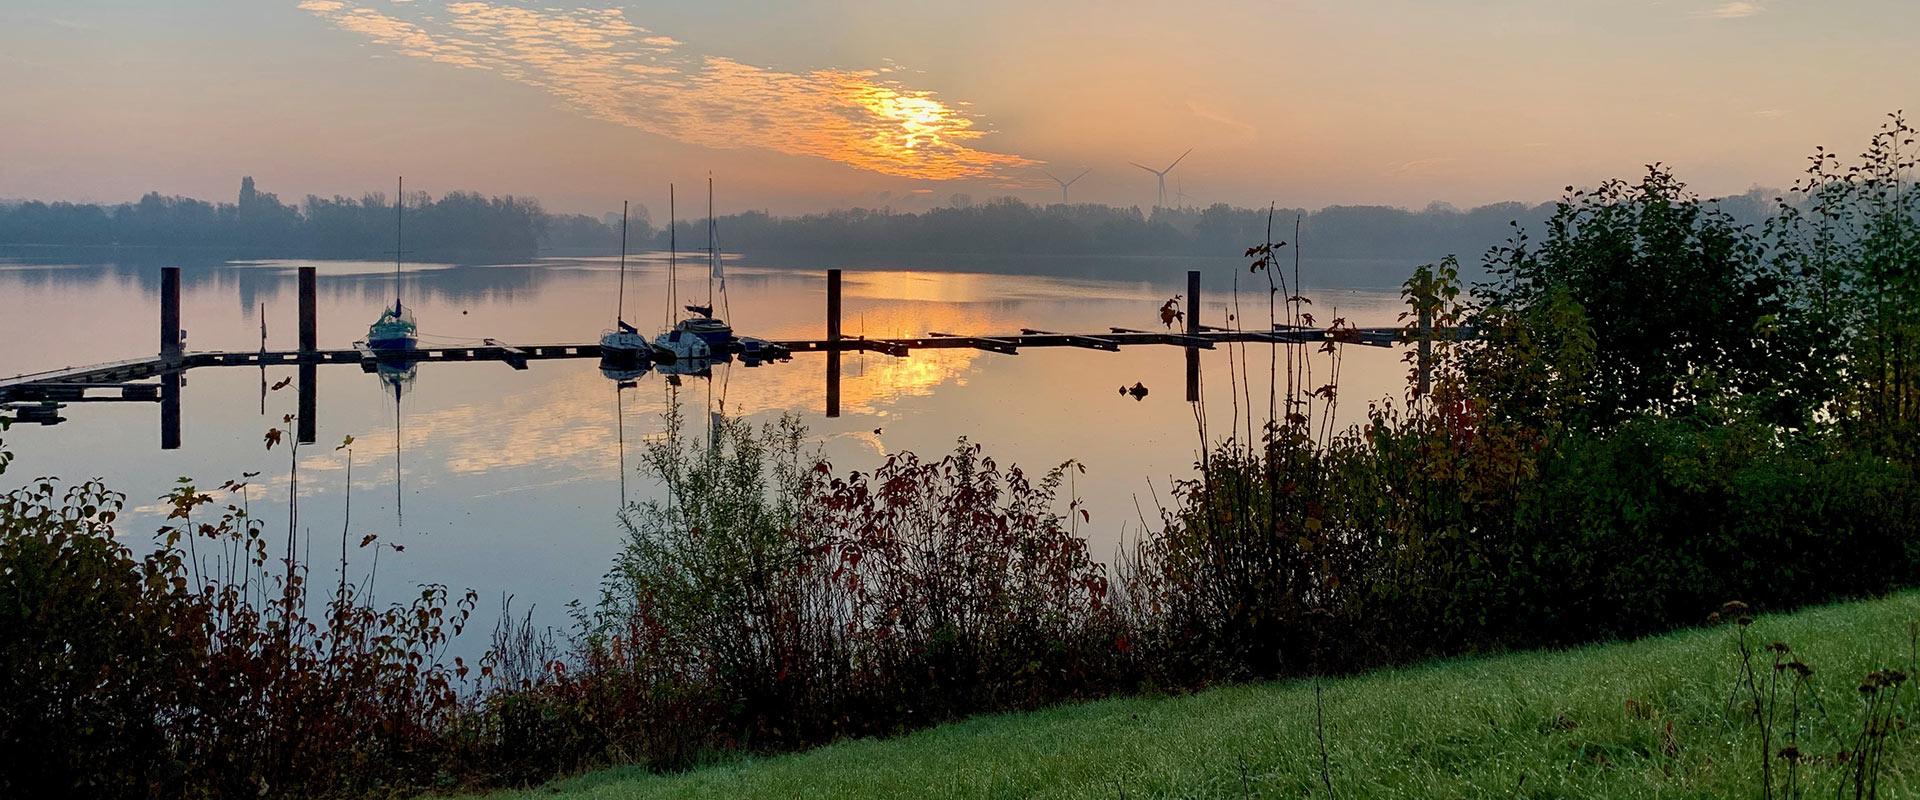 Ferien- und Campingpark Wisseler See